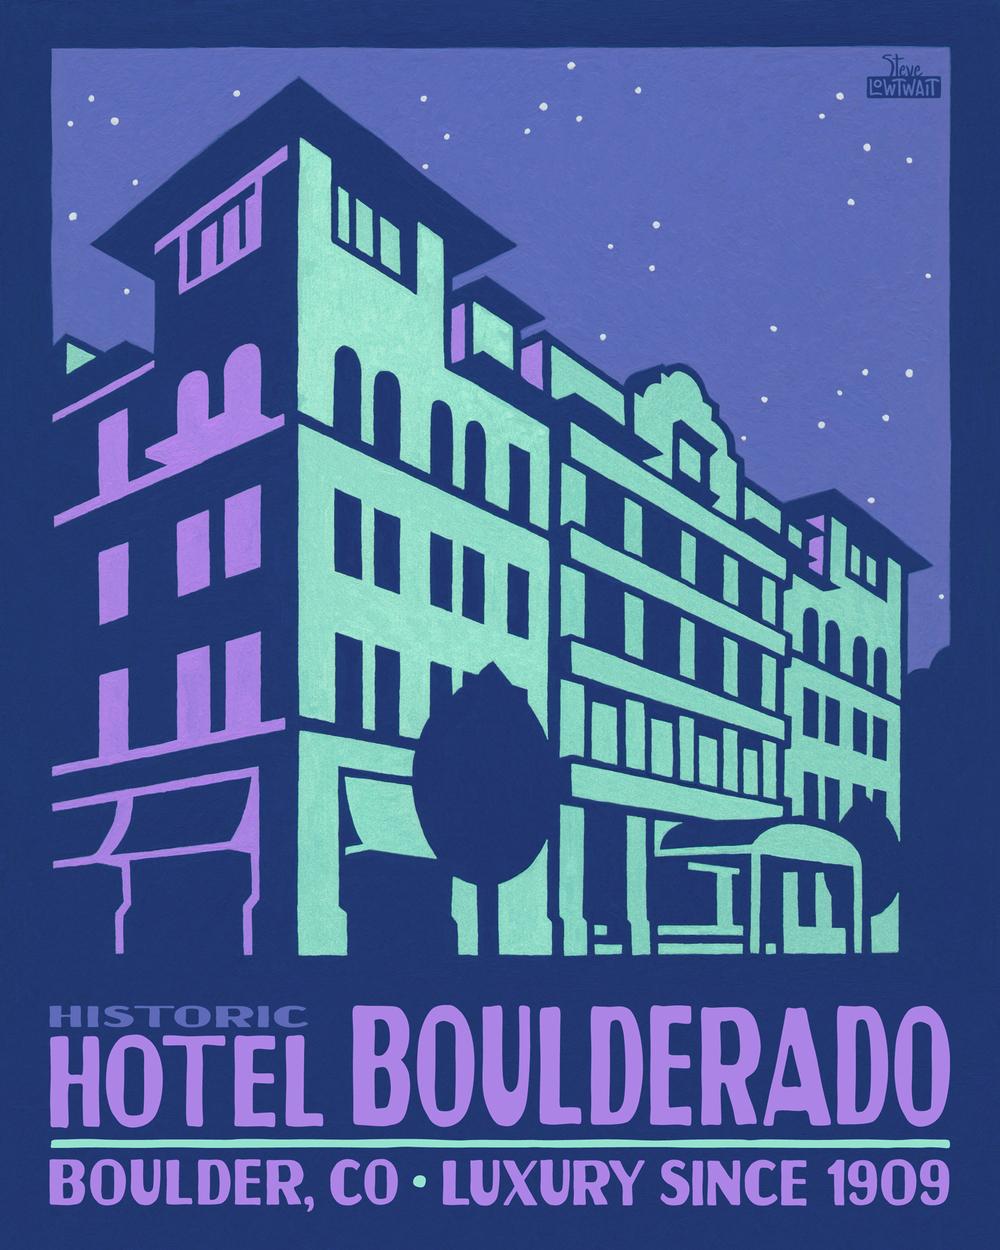 Hotel Boulderado - Boulder• Buy